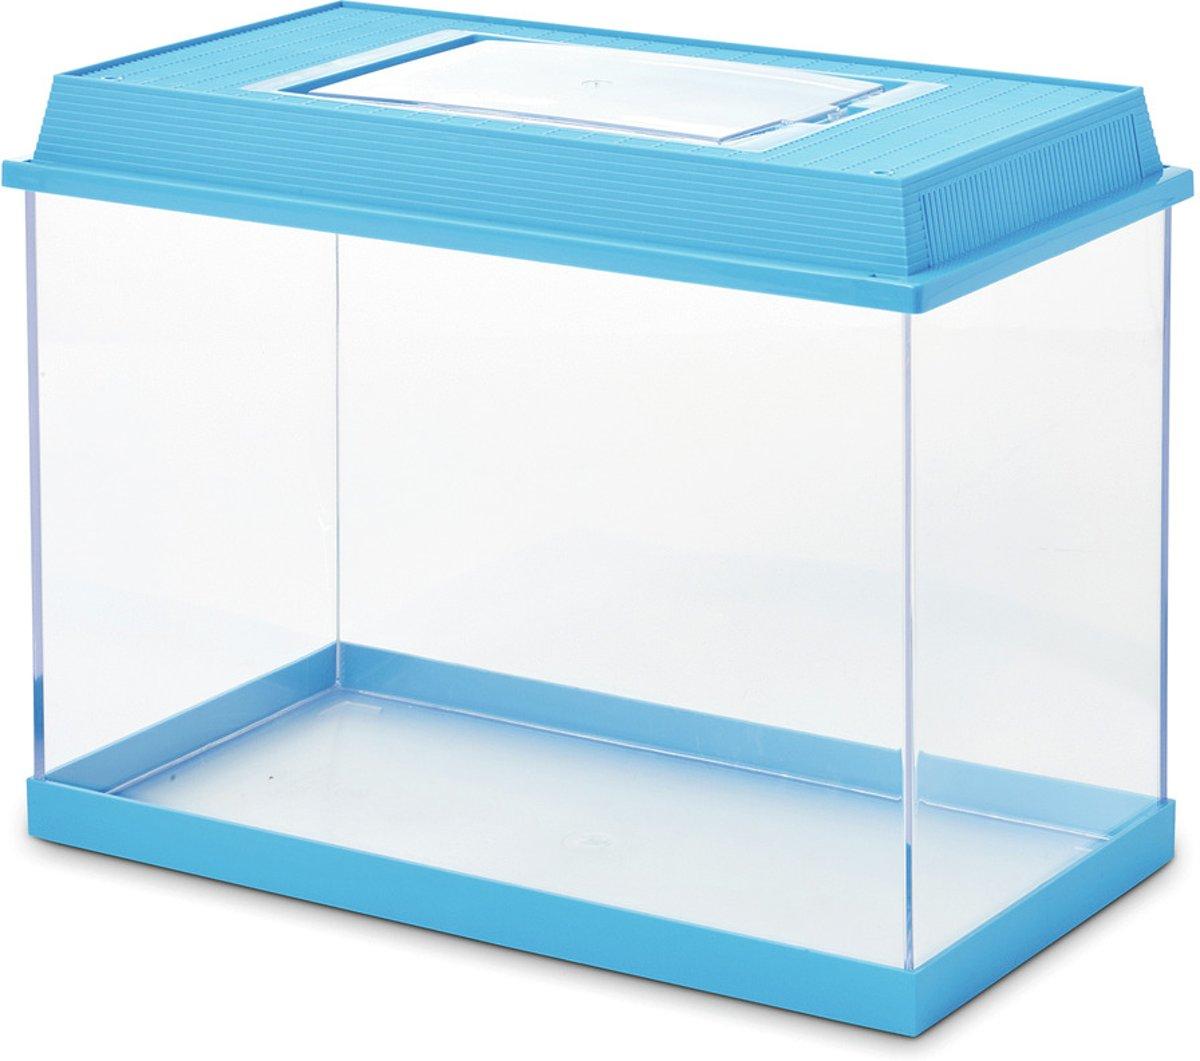 Savic Fauna Box - 20 ltr